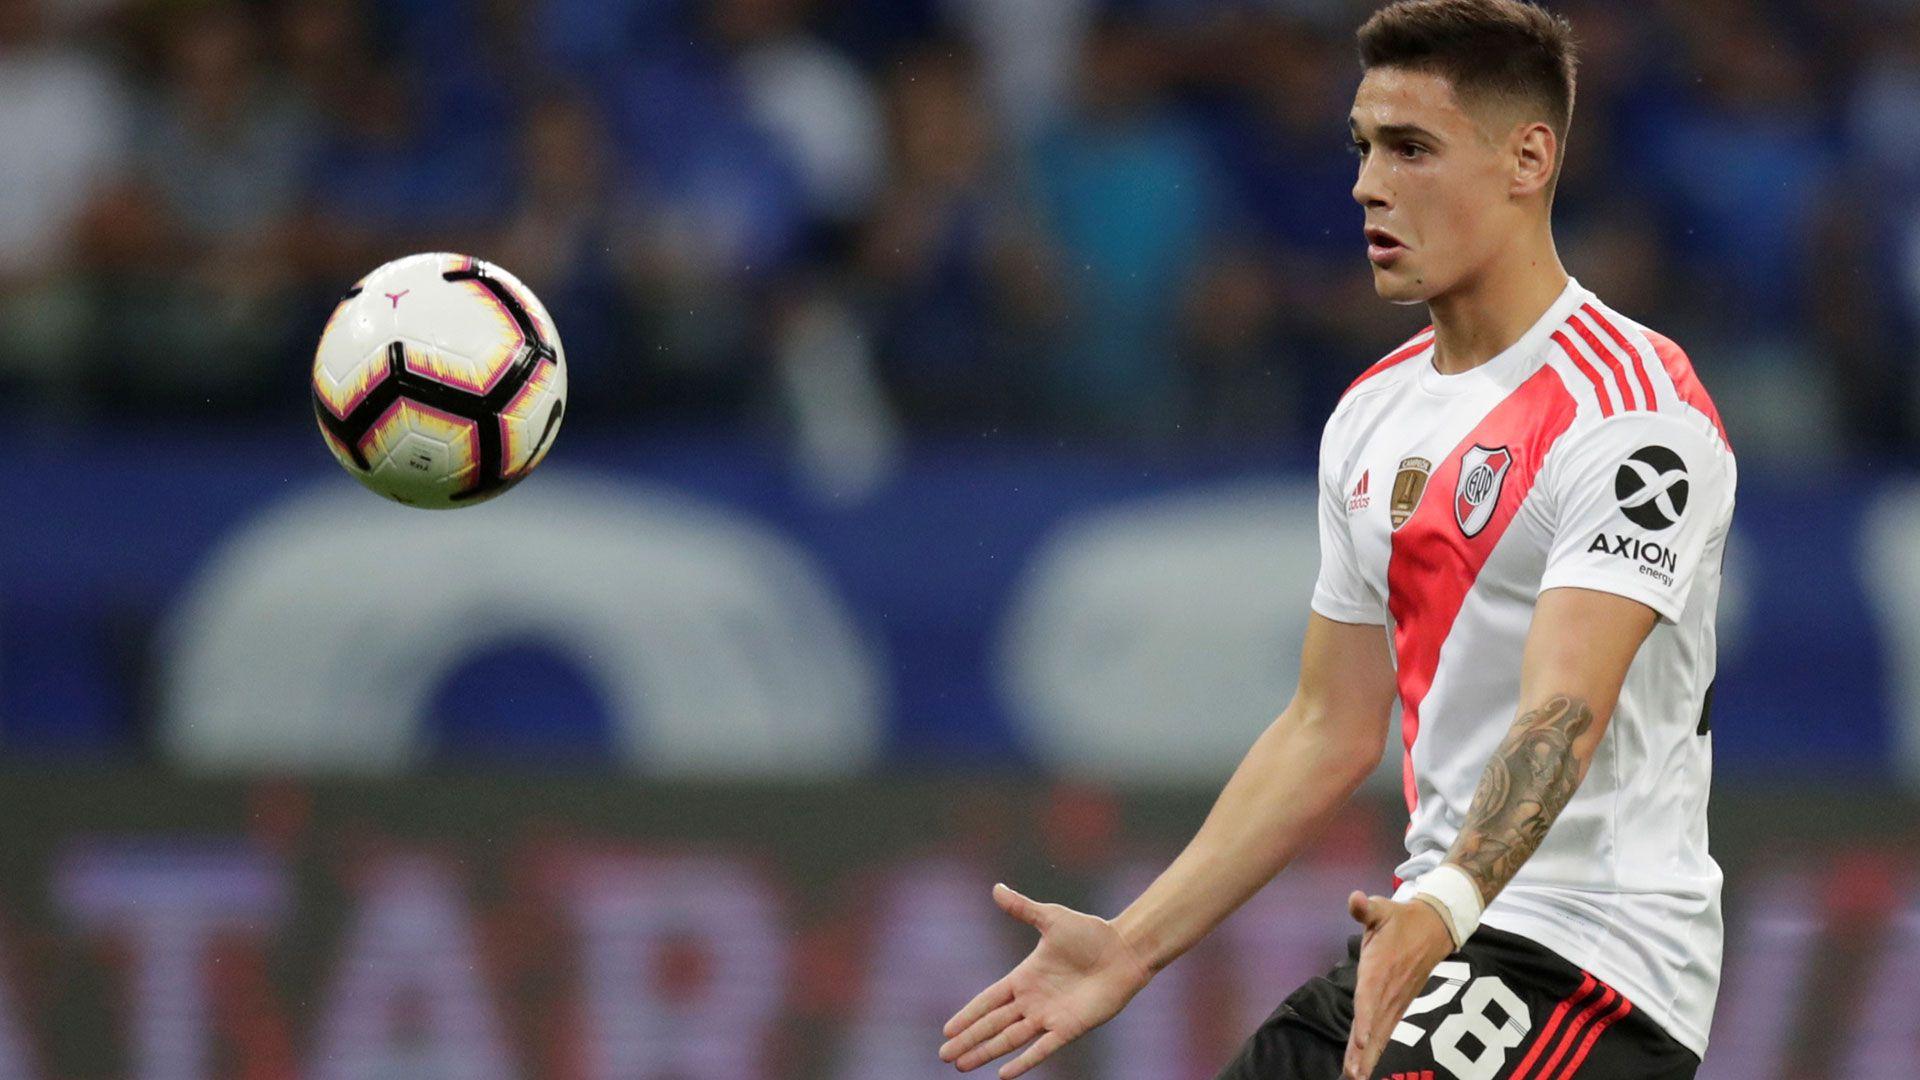 En los próximos días, el Millonario podría recibir una oferta formal por Lucas Martínez Quarta de parte del Betis, cuyo DT es Manuel Pellegrini